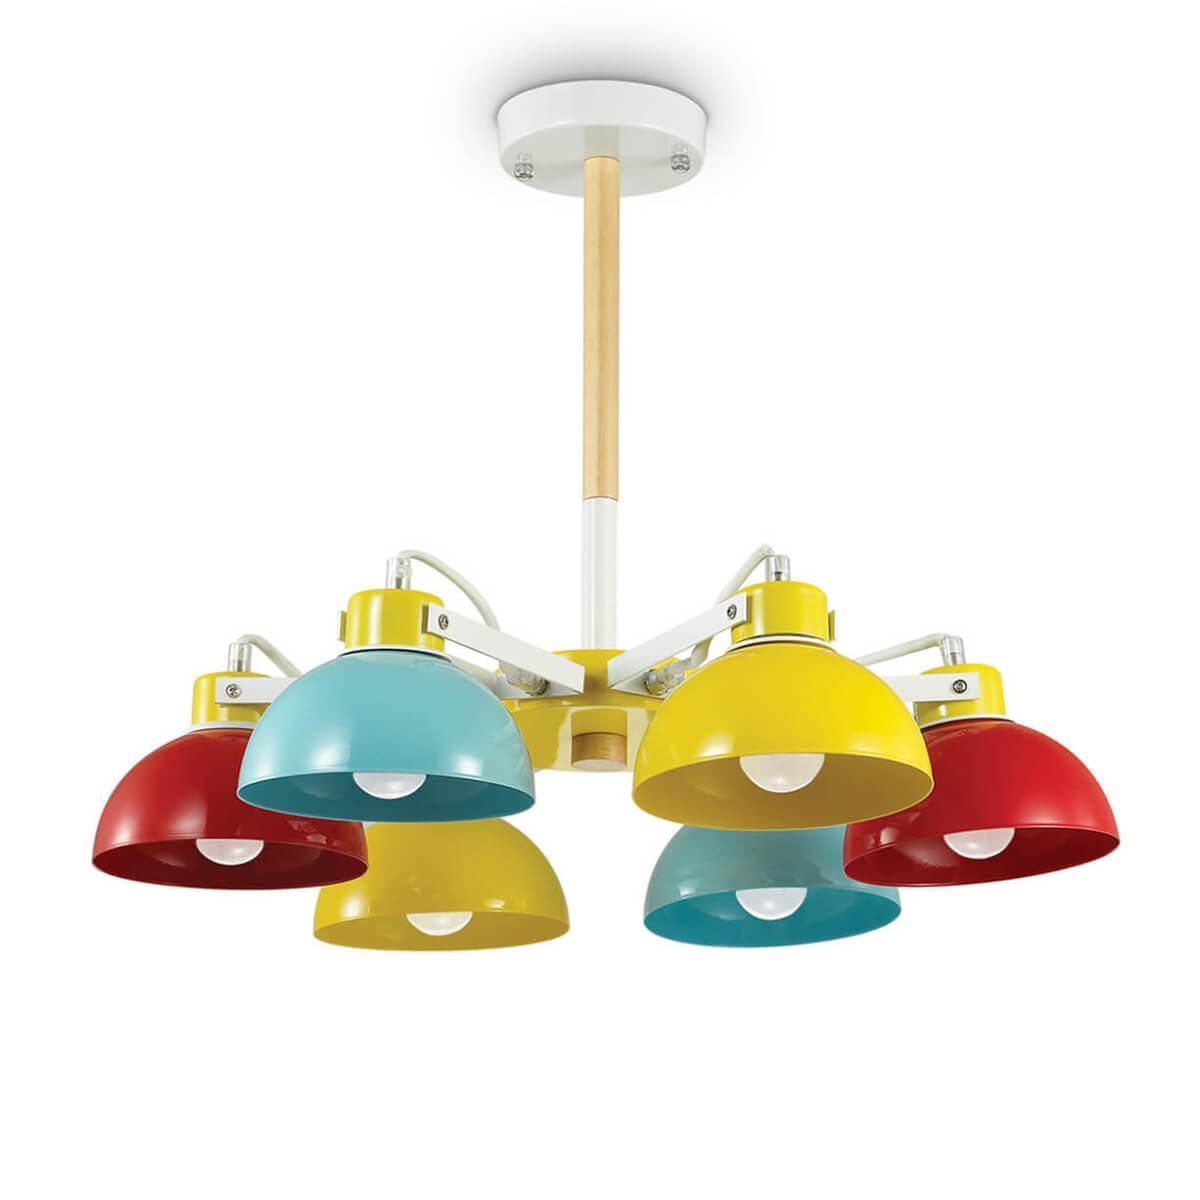 Потолочный светильник Ideal Lux Titti PL6, E27, 60 Вт ideal lux люстра ideal lux flora sp6